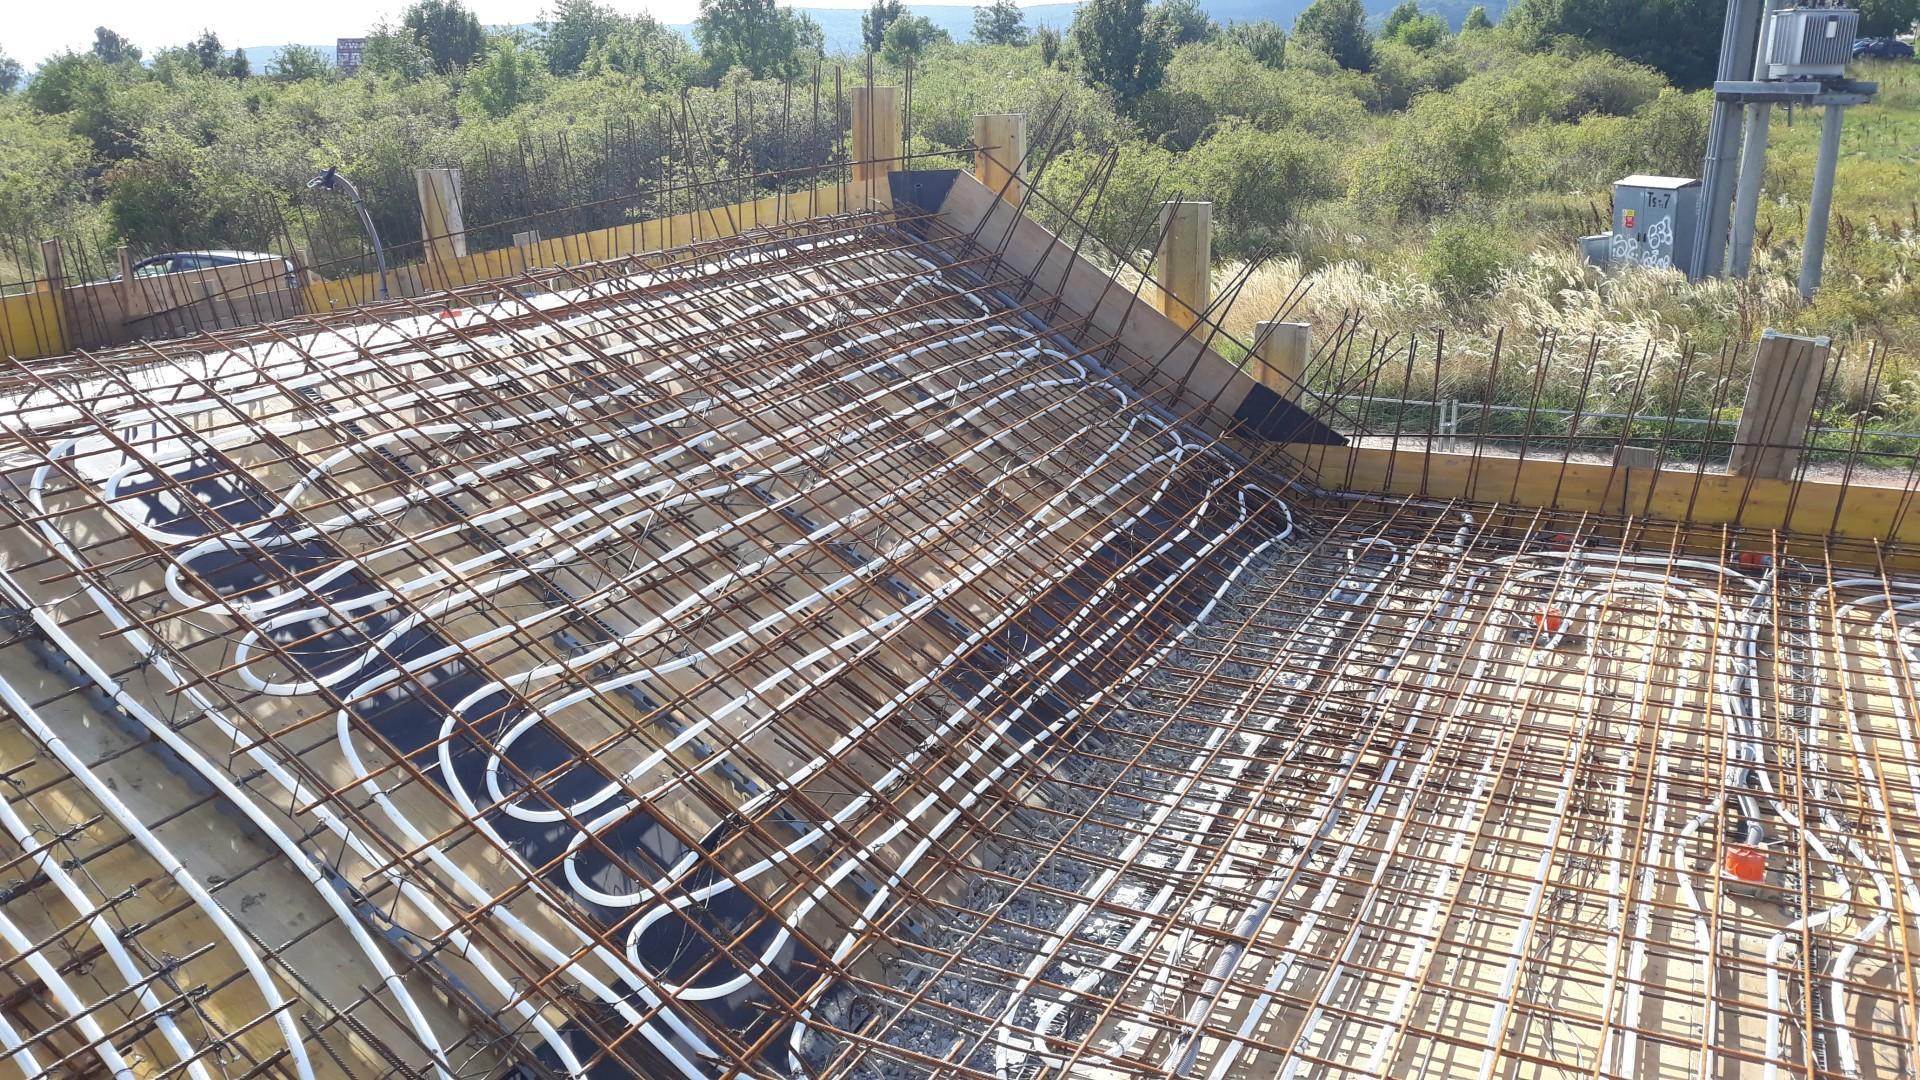 Vrchná stavba - VPC Kalksandstein murivo, zelená strecha - Tak predsa sa dajú dať dištančné hady pomedzi trubky chladenia, keď sa chce...